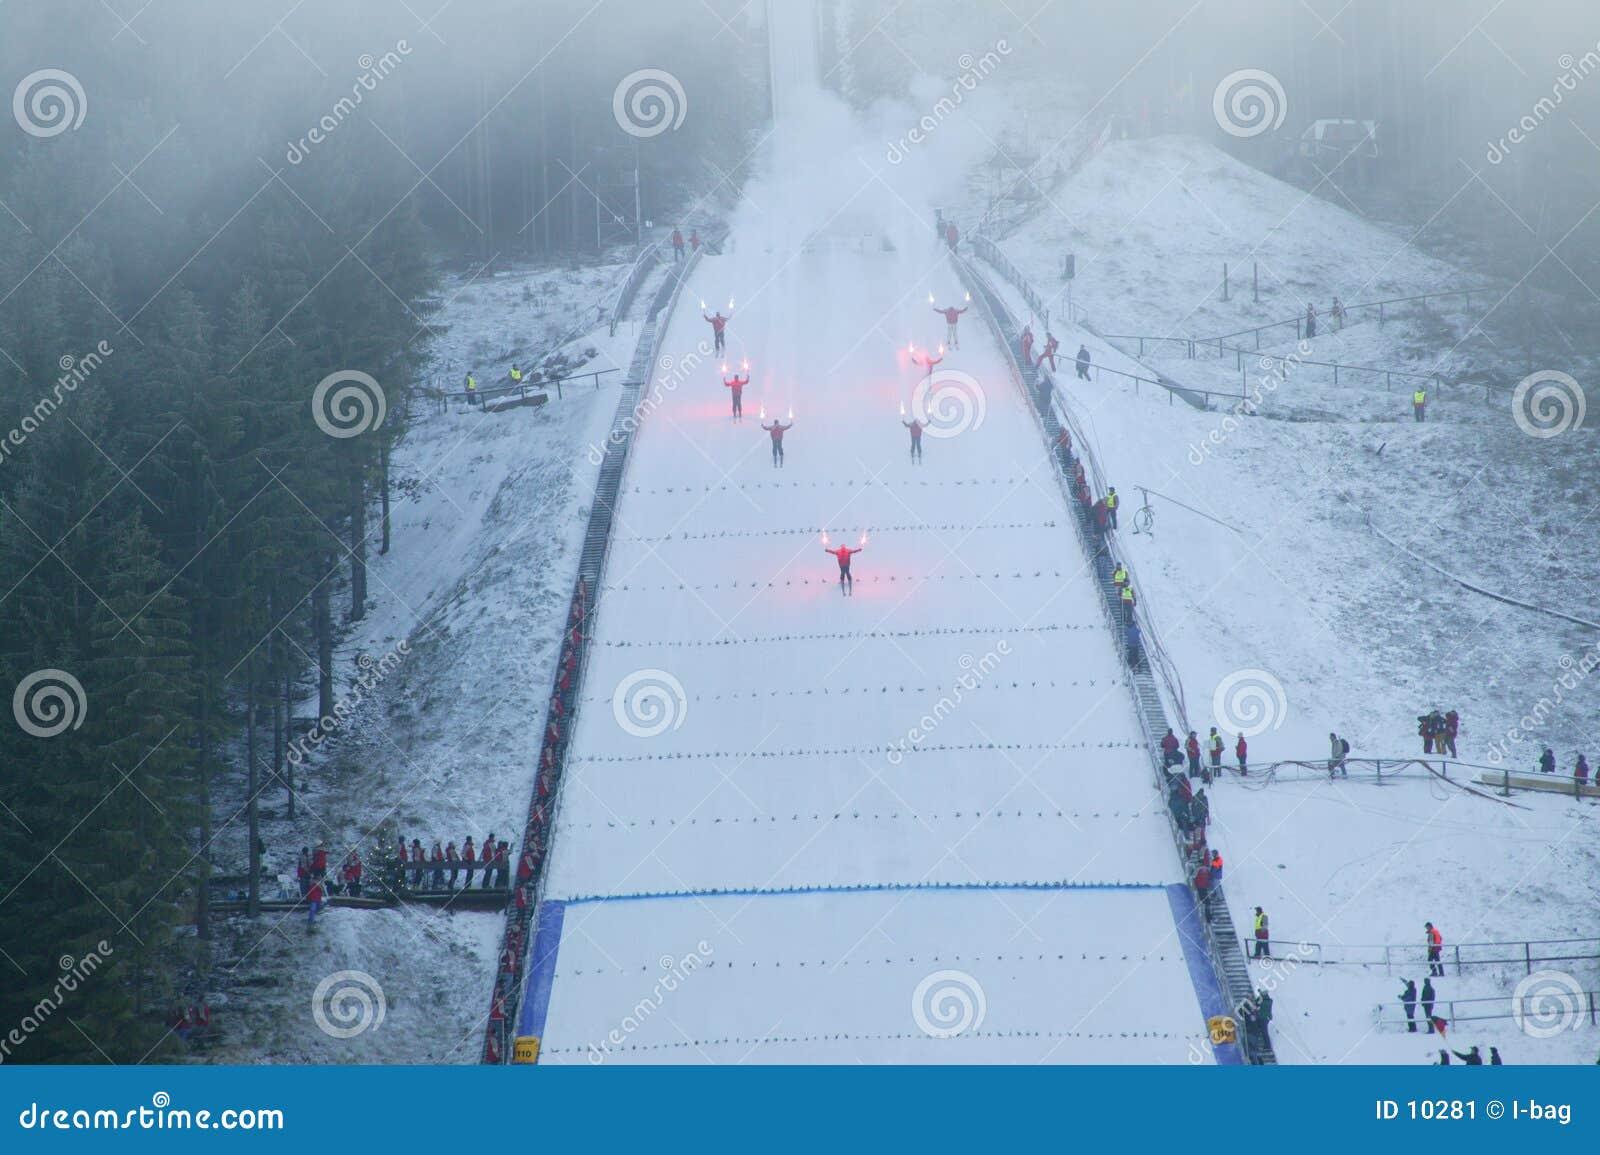 Start of ski jumping